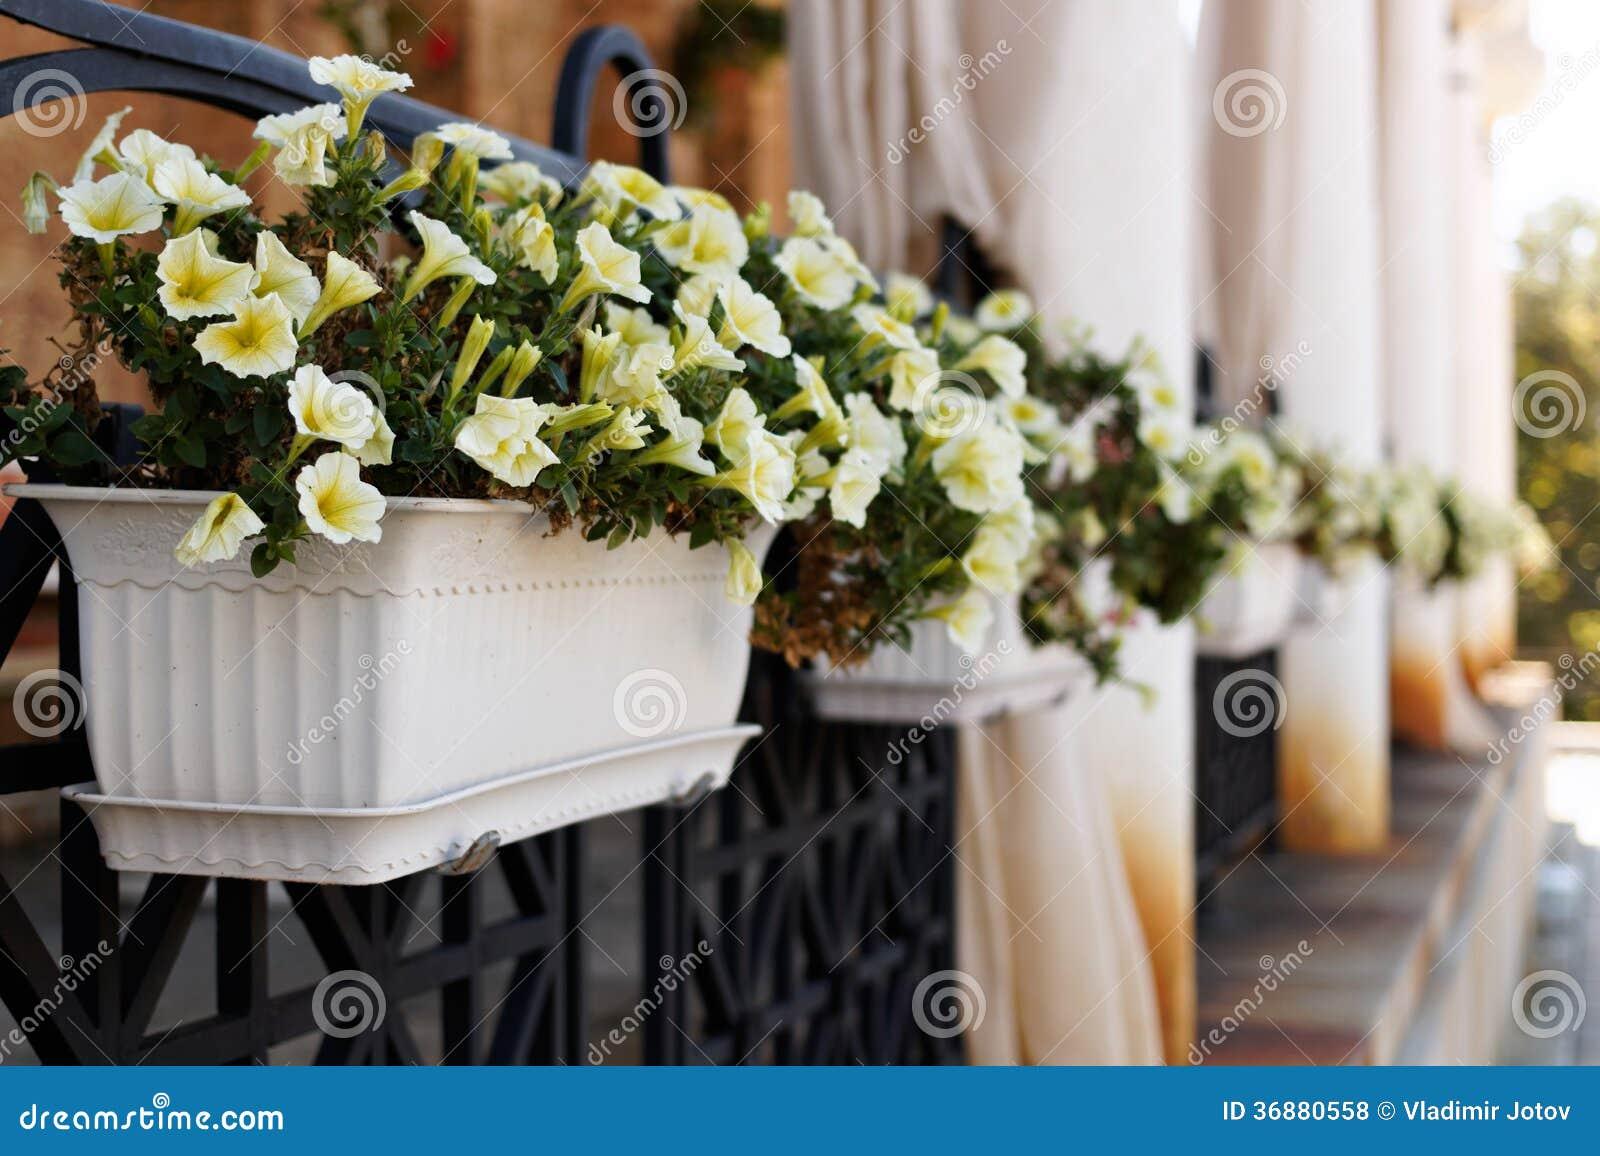 Download Mirabilis bianco in vaso fotografia stock. Immagine di verde - 36880558